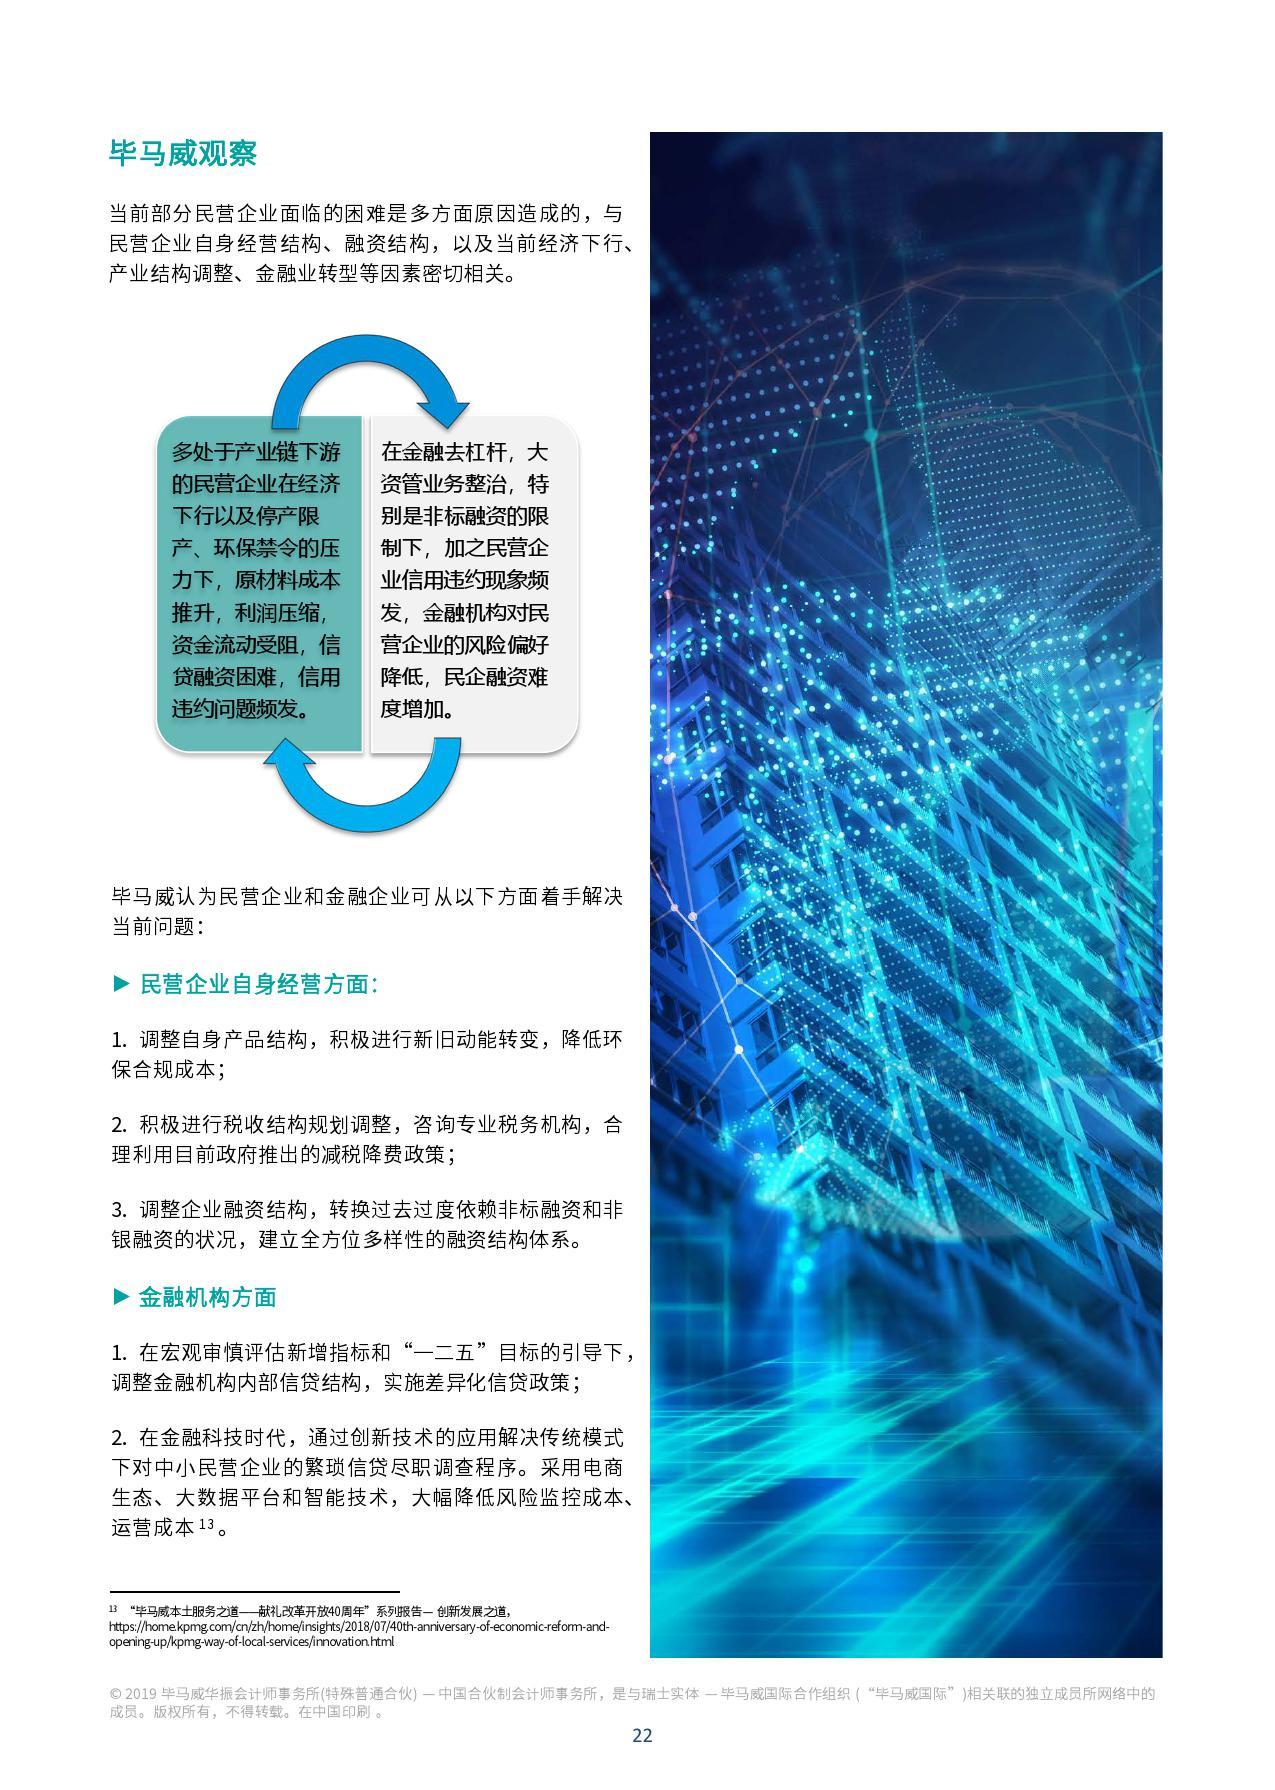 2019经济观察_经济观察网电脑版官方下载2019 经济观察网网页版